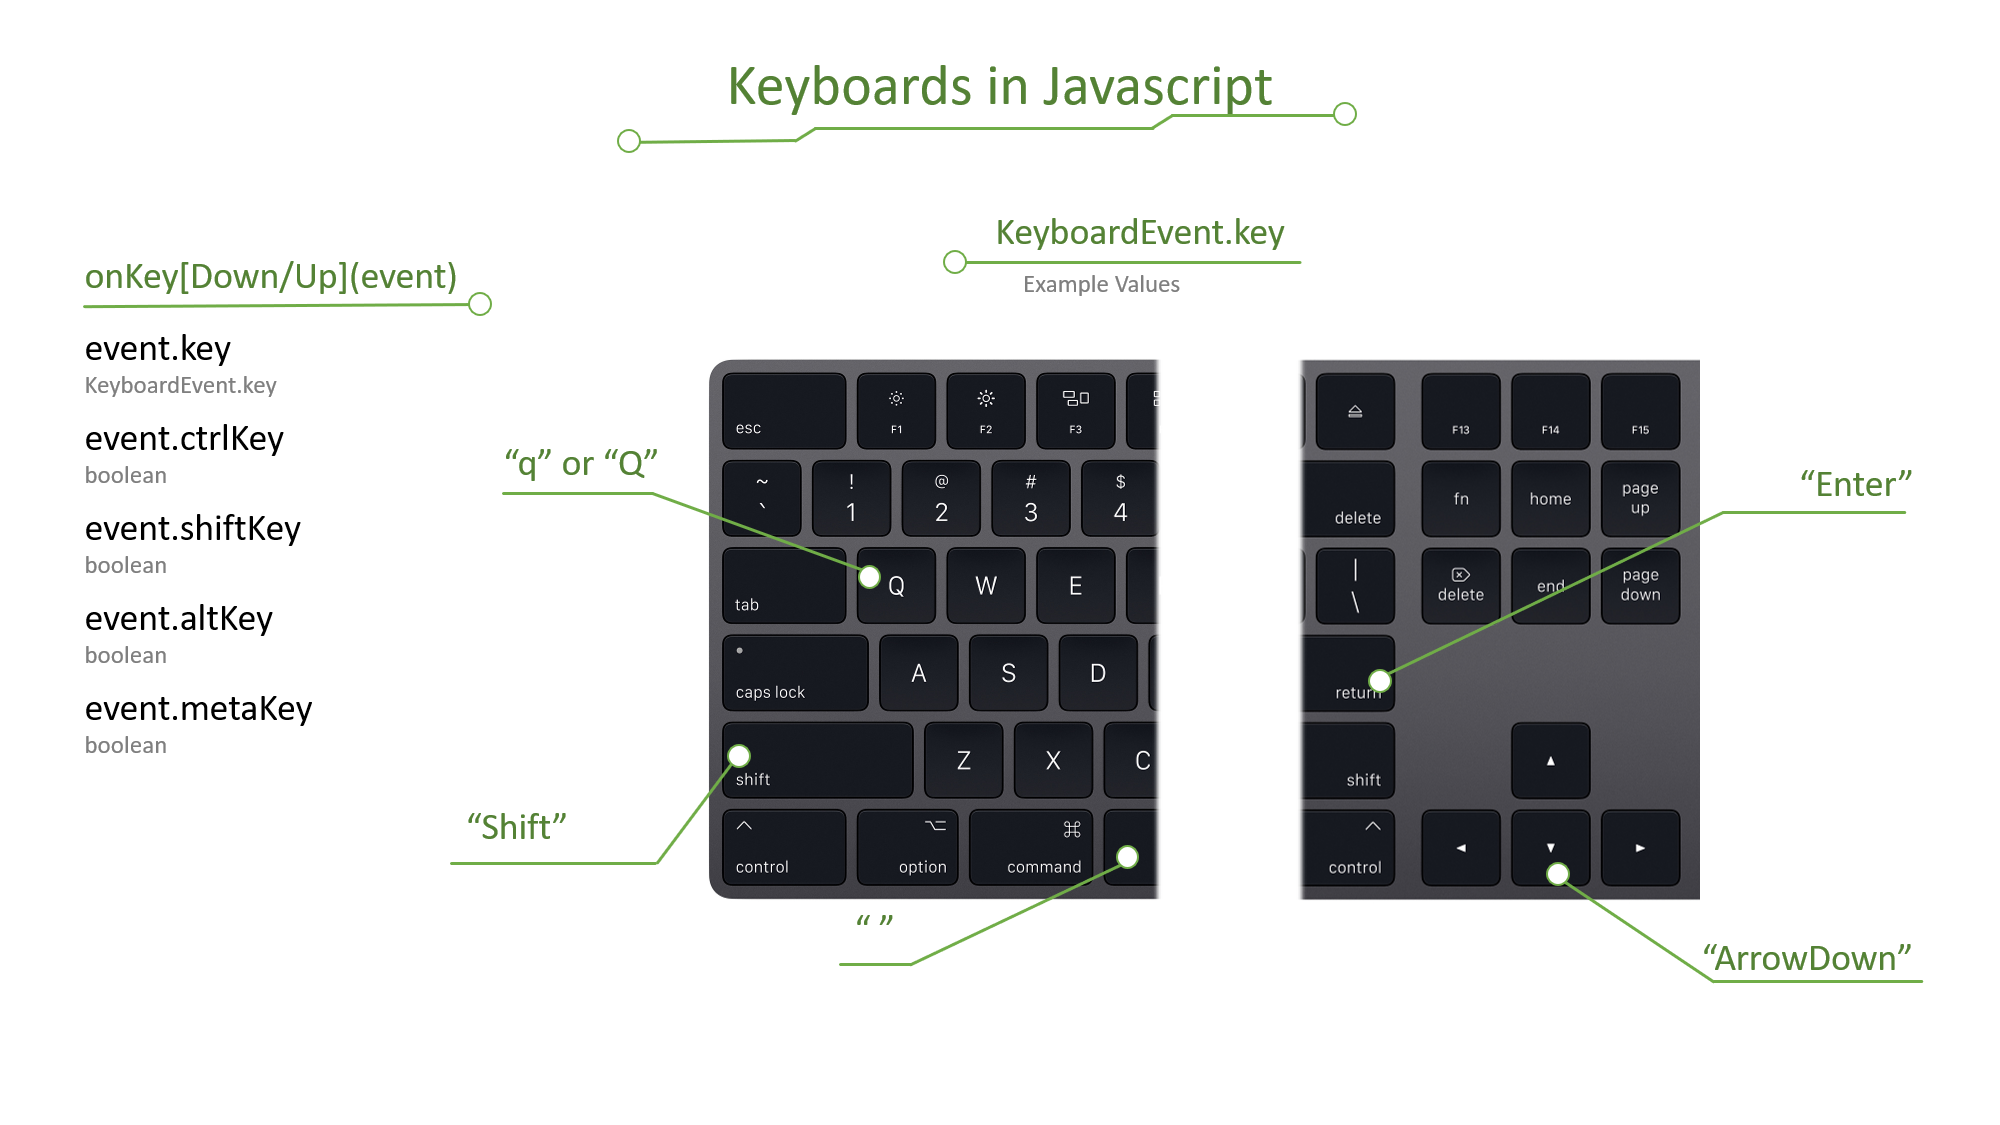 Keyboards in Javascript